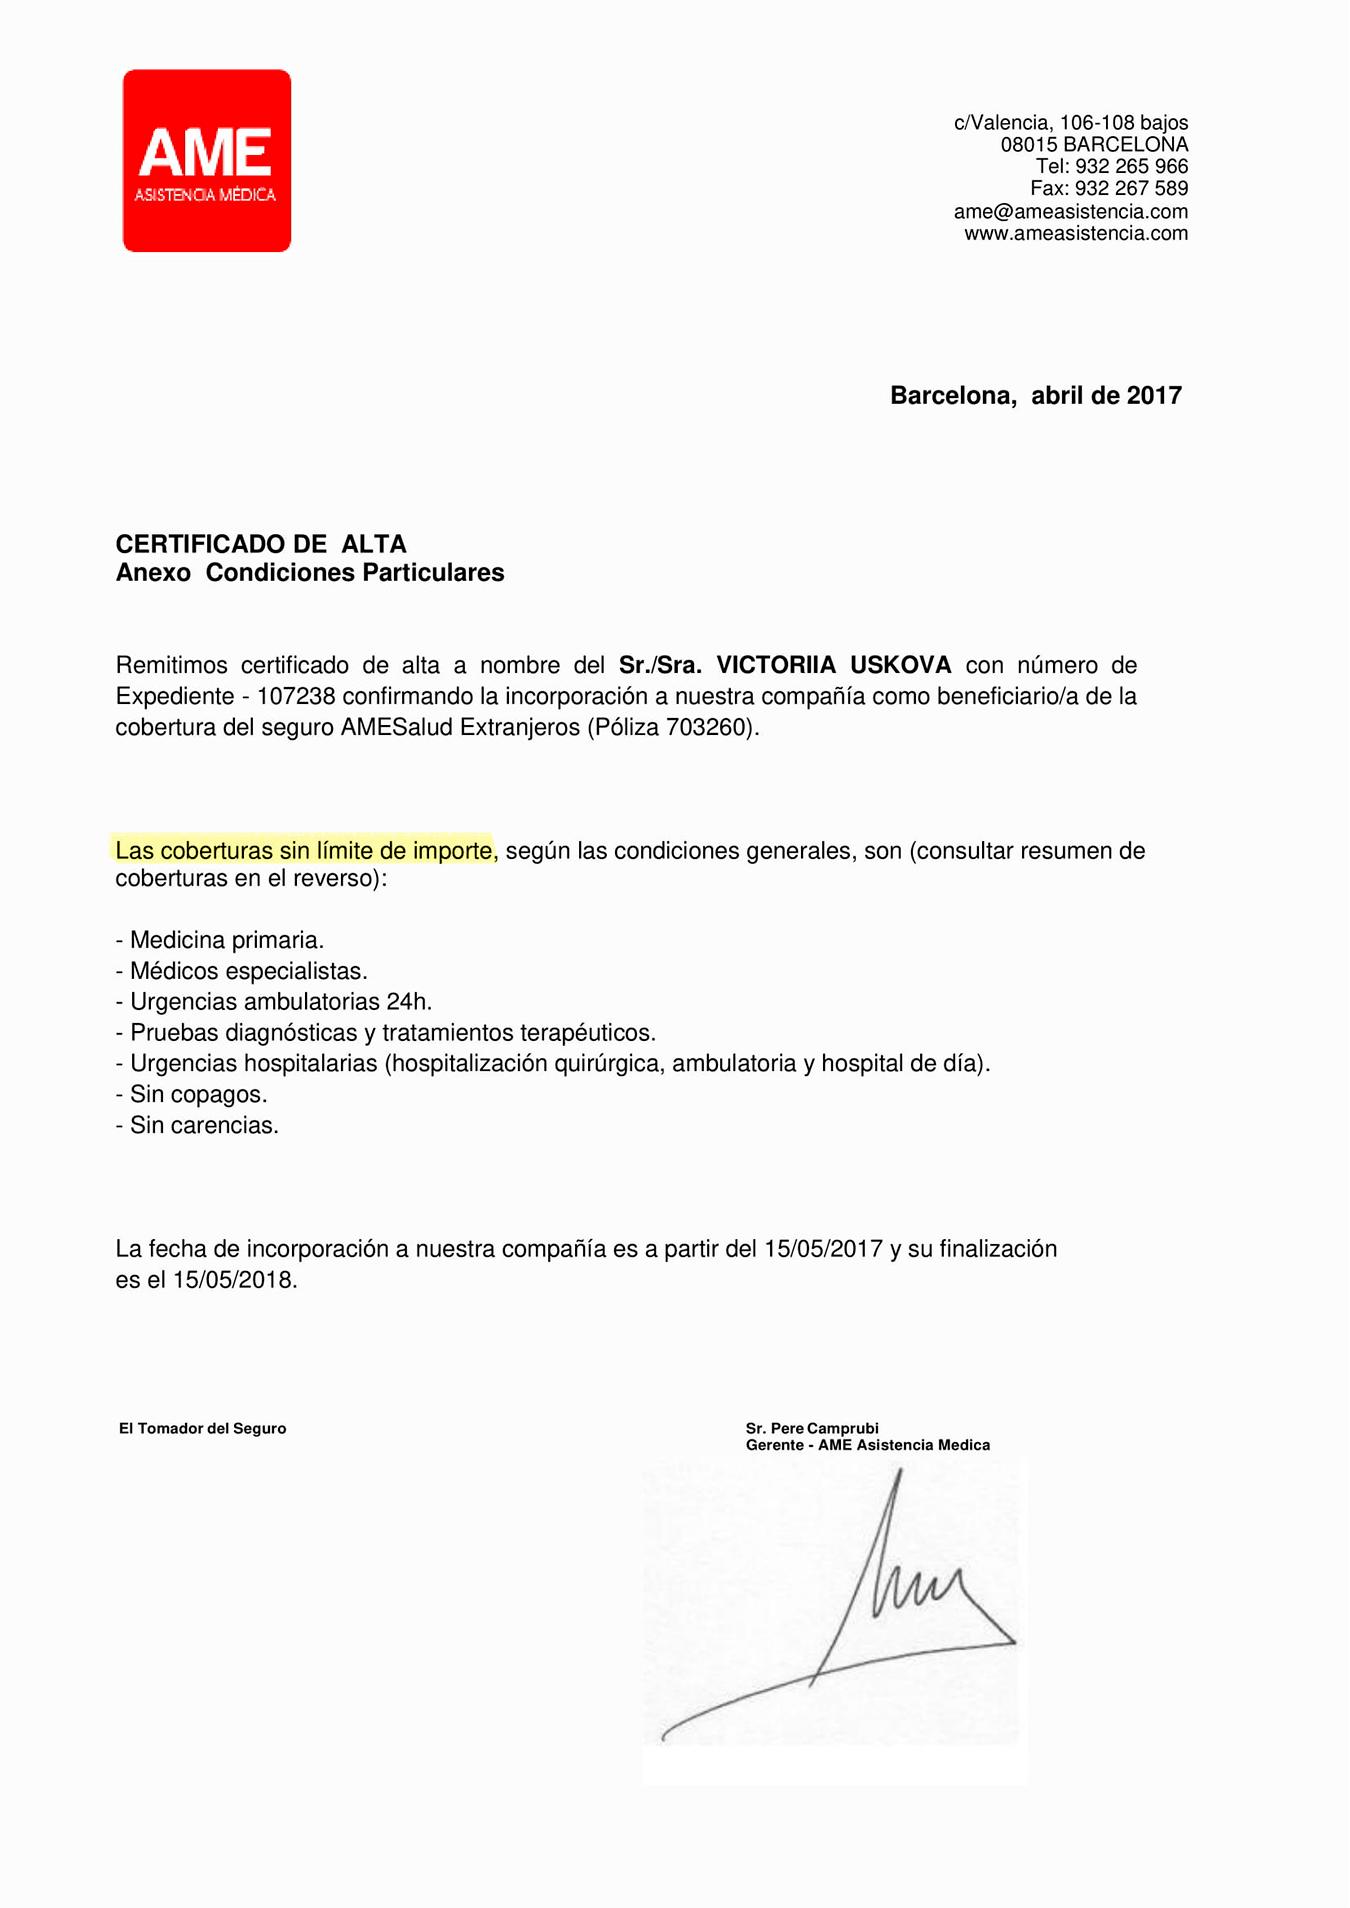 Сертификат страховой компании, исправленный для консульства: «Las coberturas sin limite de importe» — безлимитное страховое покрытие